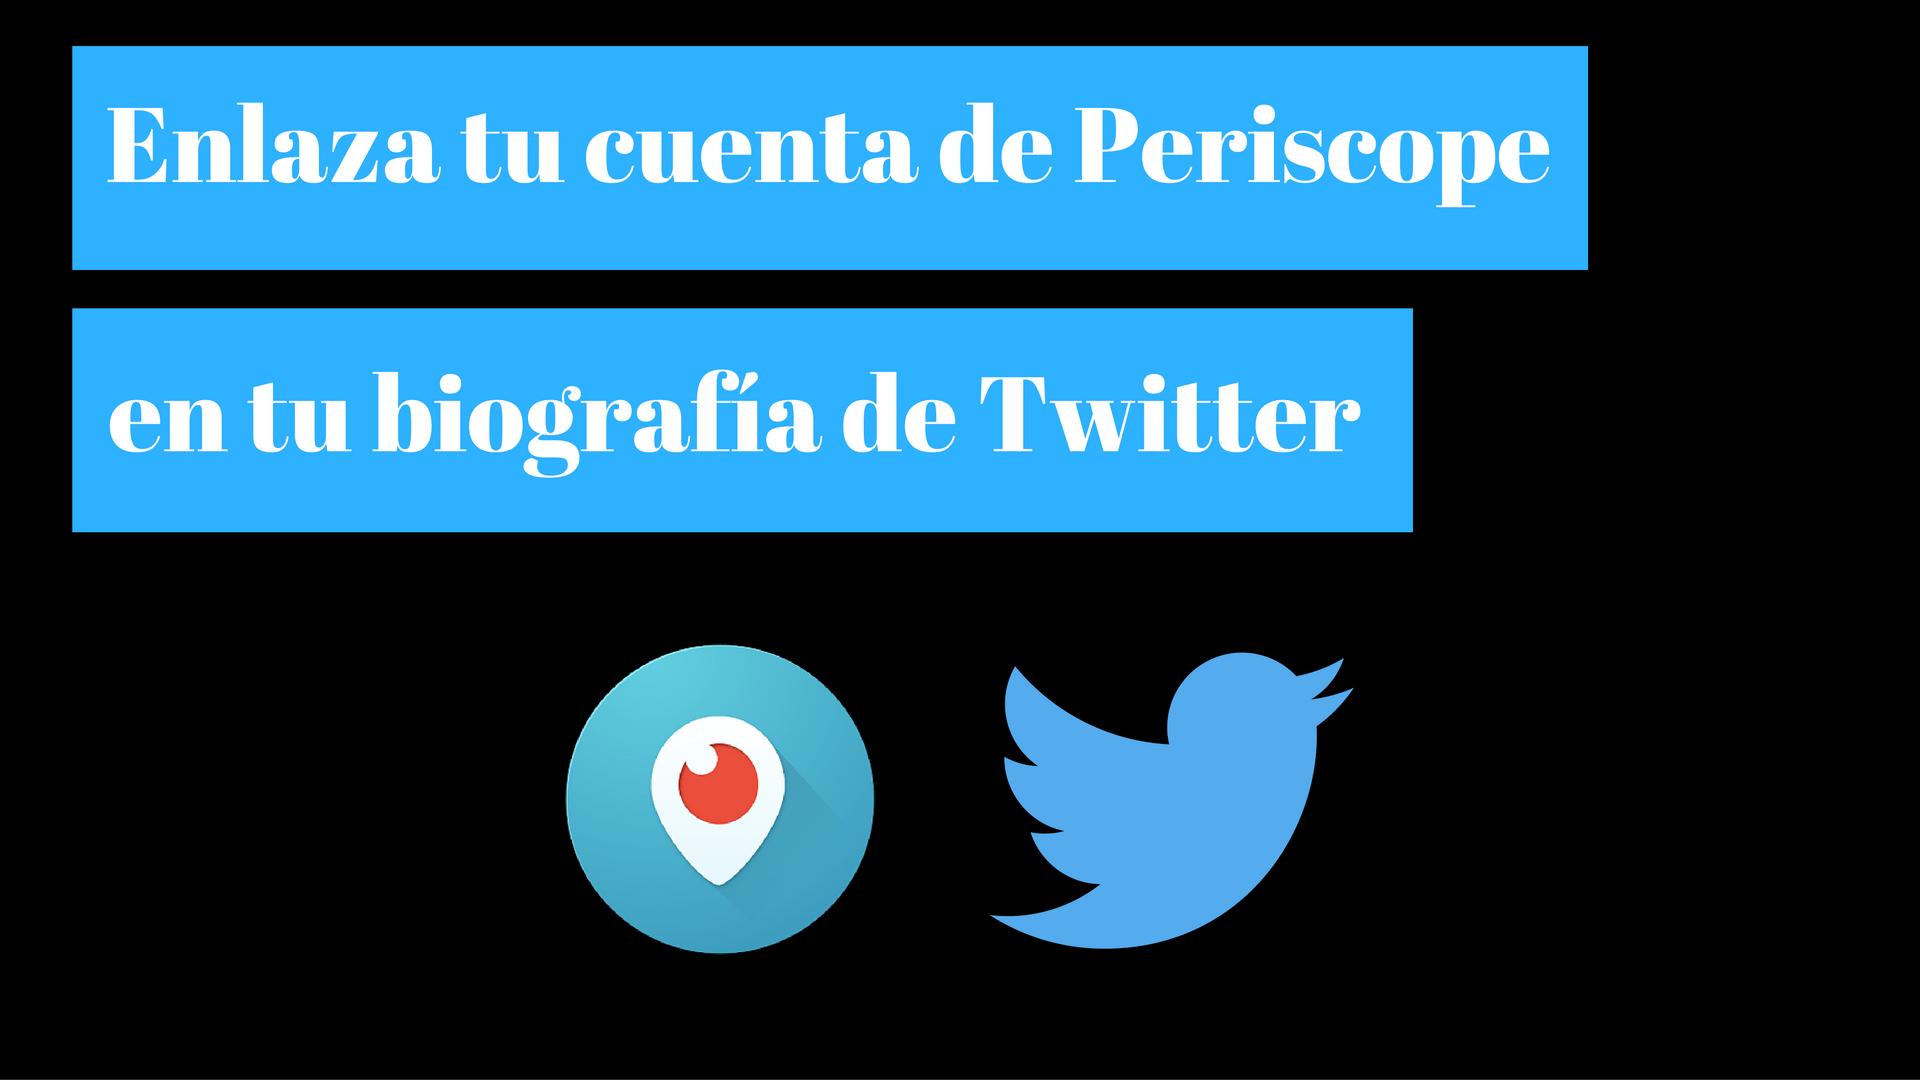 Cómo enlazar tu cuenta de Periscope en Twitter